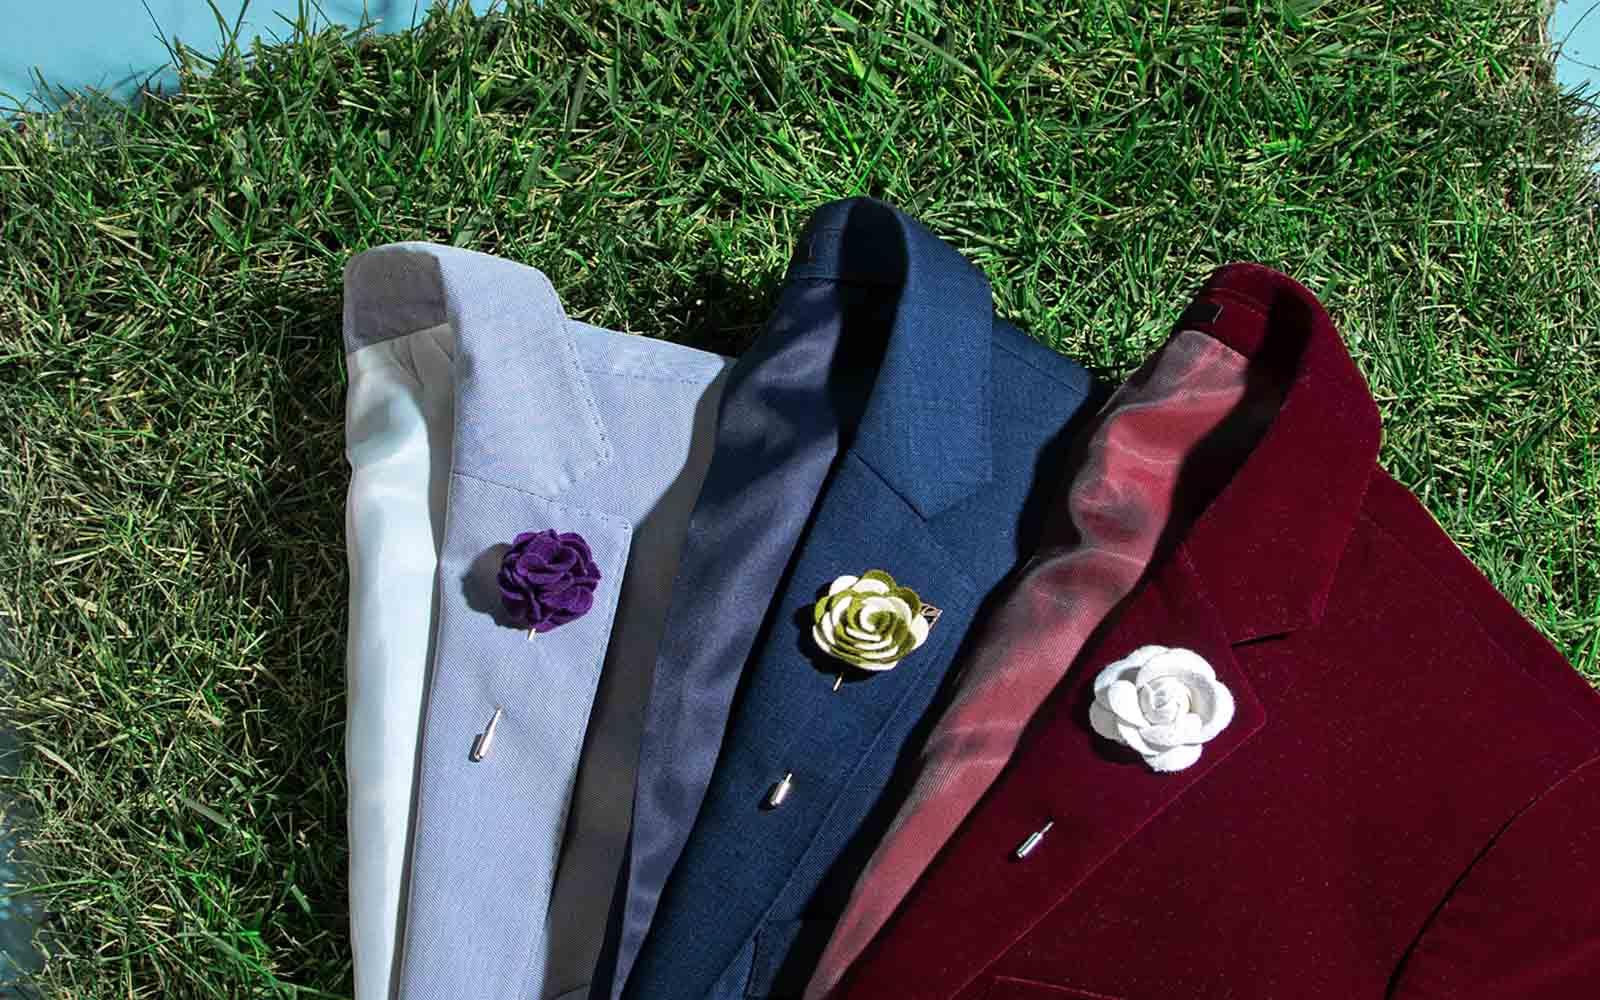 Cách phối màu quần áo nam theo bánh xe màu sắc: Mặc đẹp chẳng cần đến Stylist!